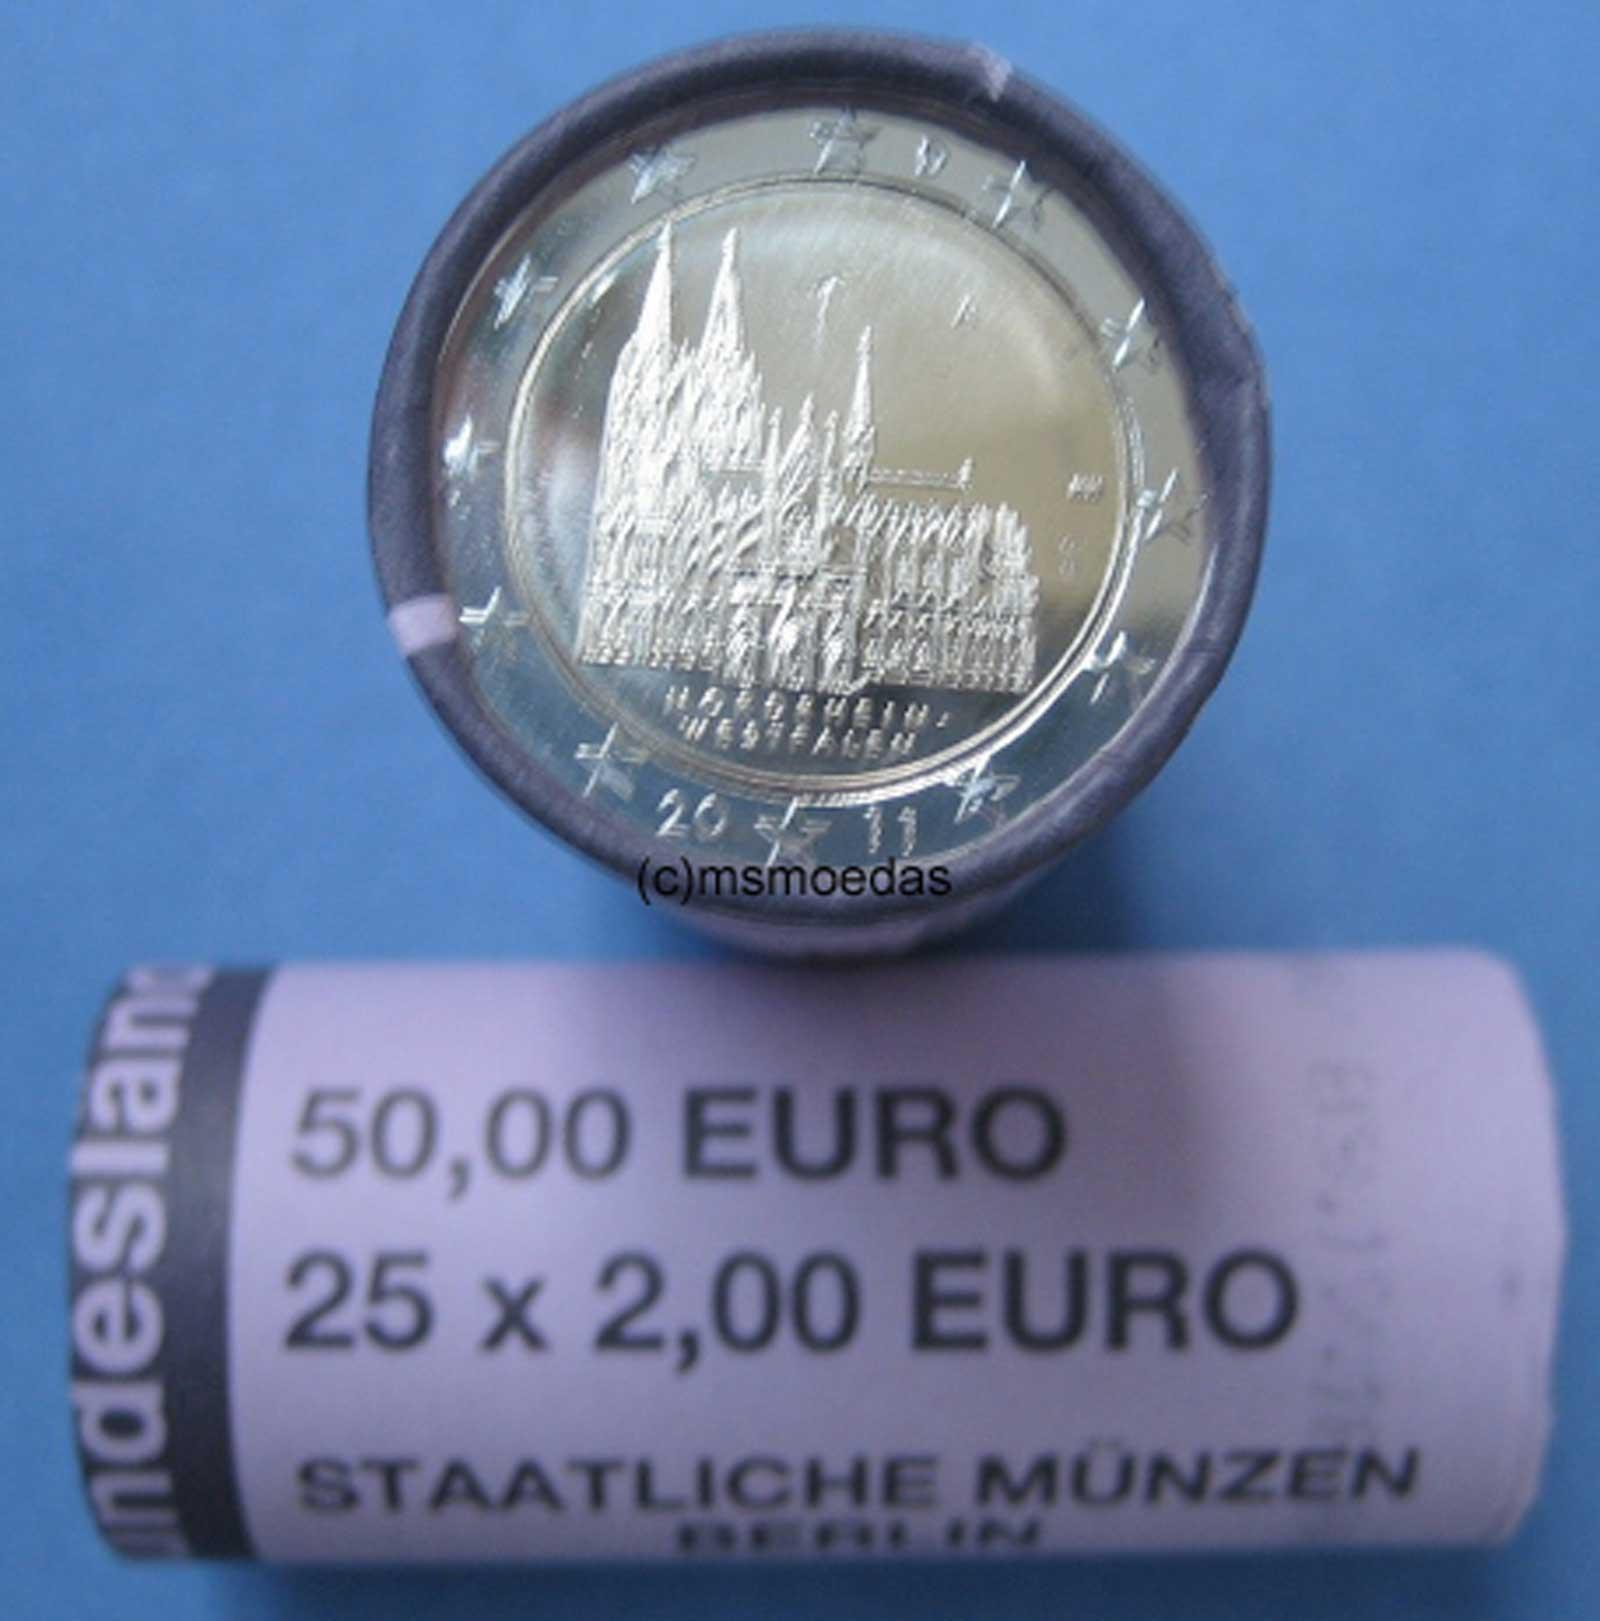 msmoedas deutschland 2 euro rolle 2 x 2 euro gedenkm nzen sonderm nzen pr gejahr 2011. Black Bedroom Furniture Sets. Home Design Ideas